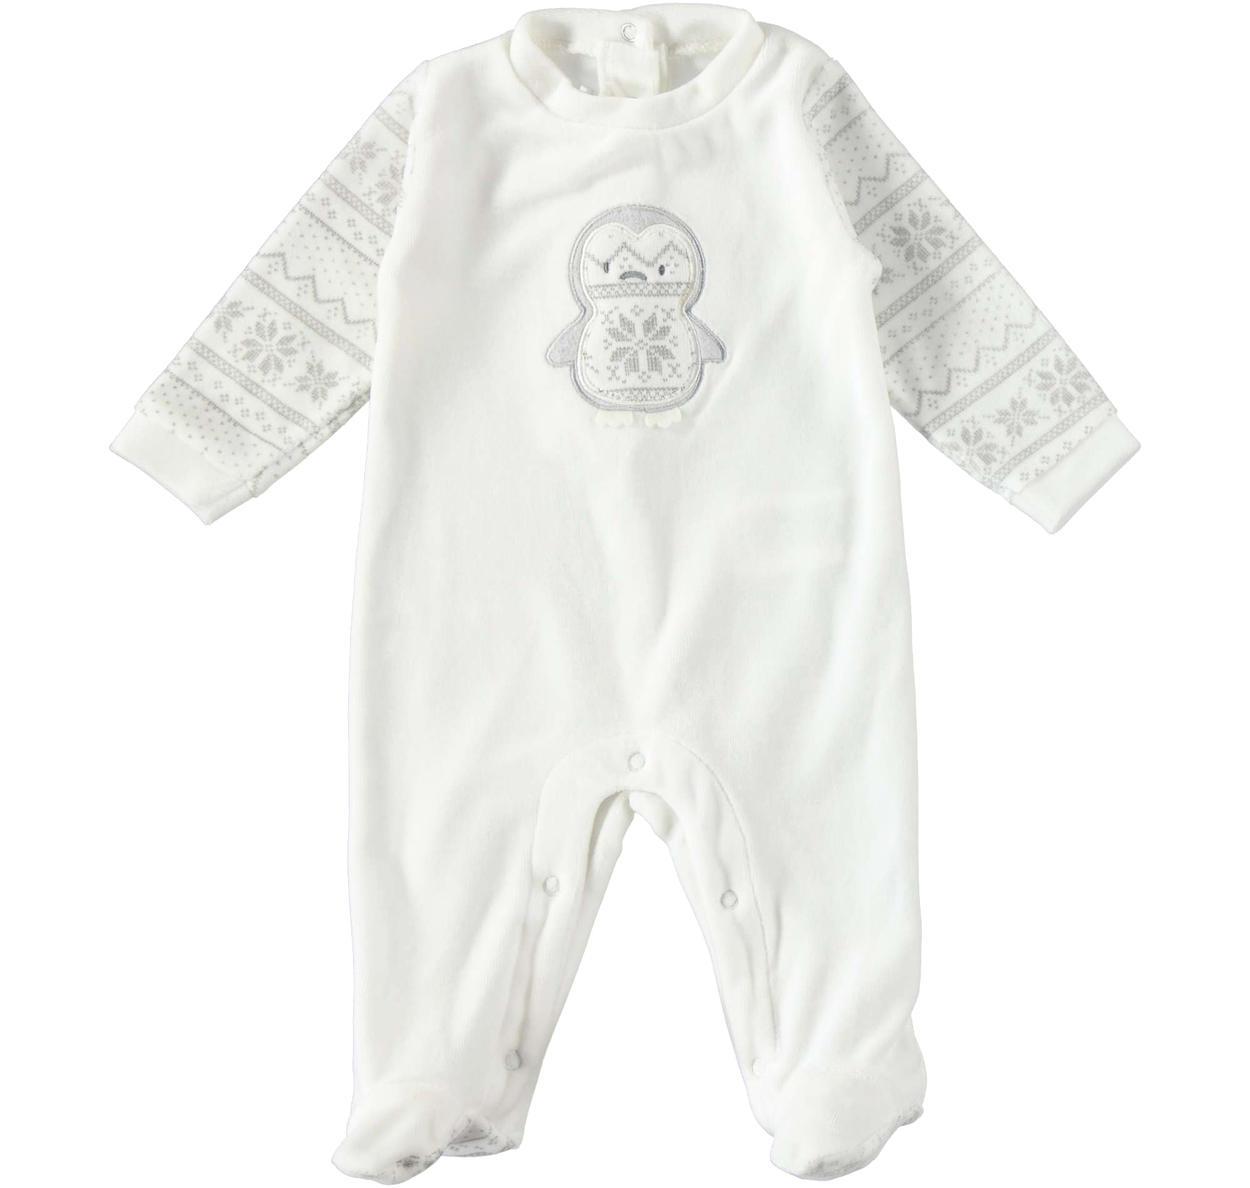 assolutamente alla moda più vicino a comprare bene Tutina con piedino in ciniglia modello unisex per neonati da 0 a 18 mesi  Mignolo